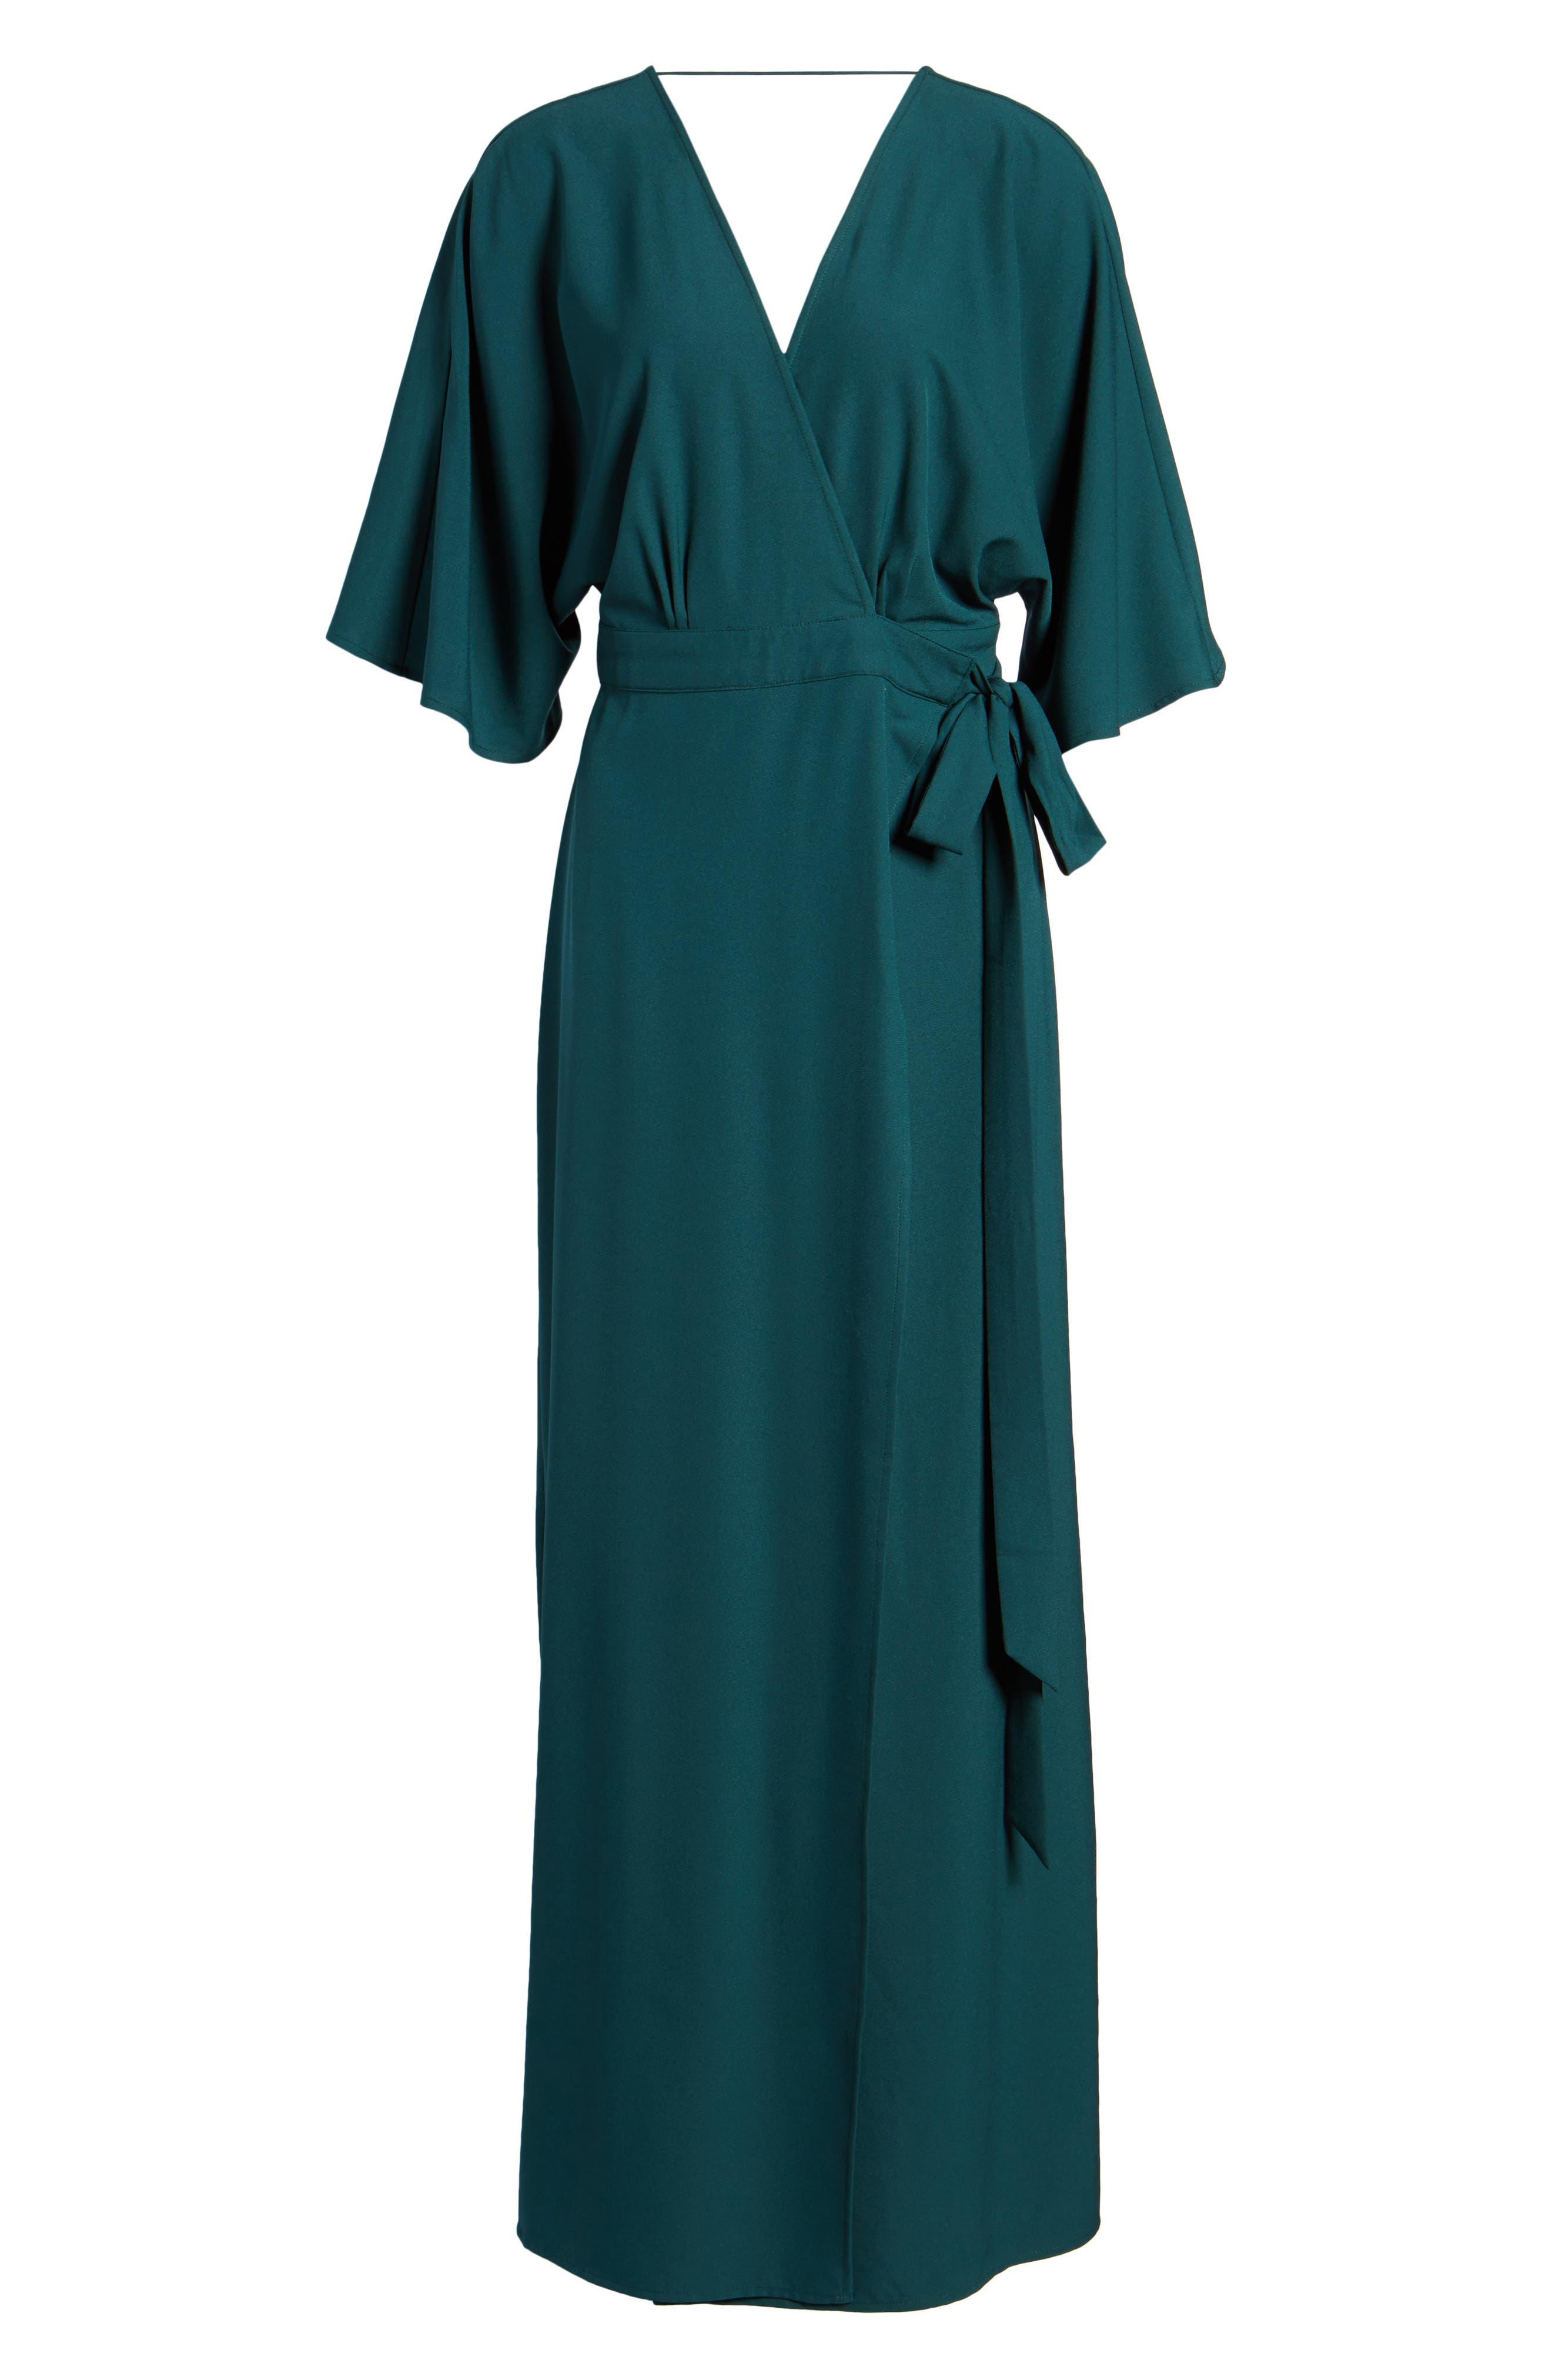 Kimono Maxi Dress,                             Alternate thumbnail 7, color,                             301